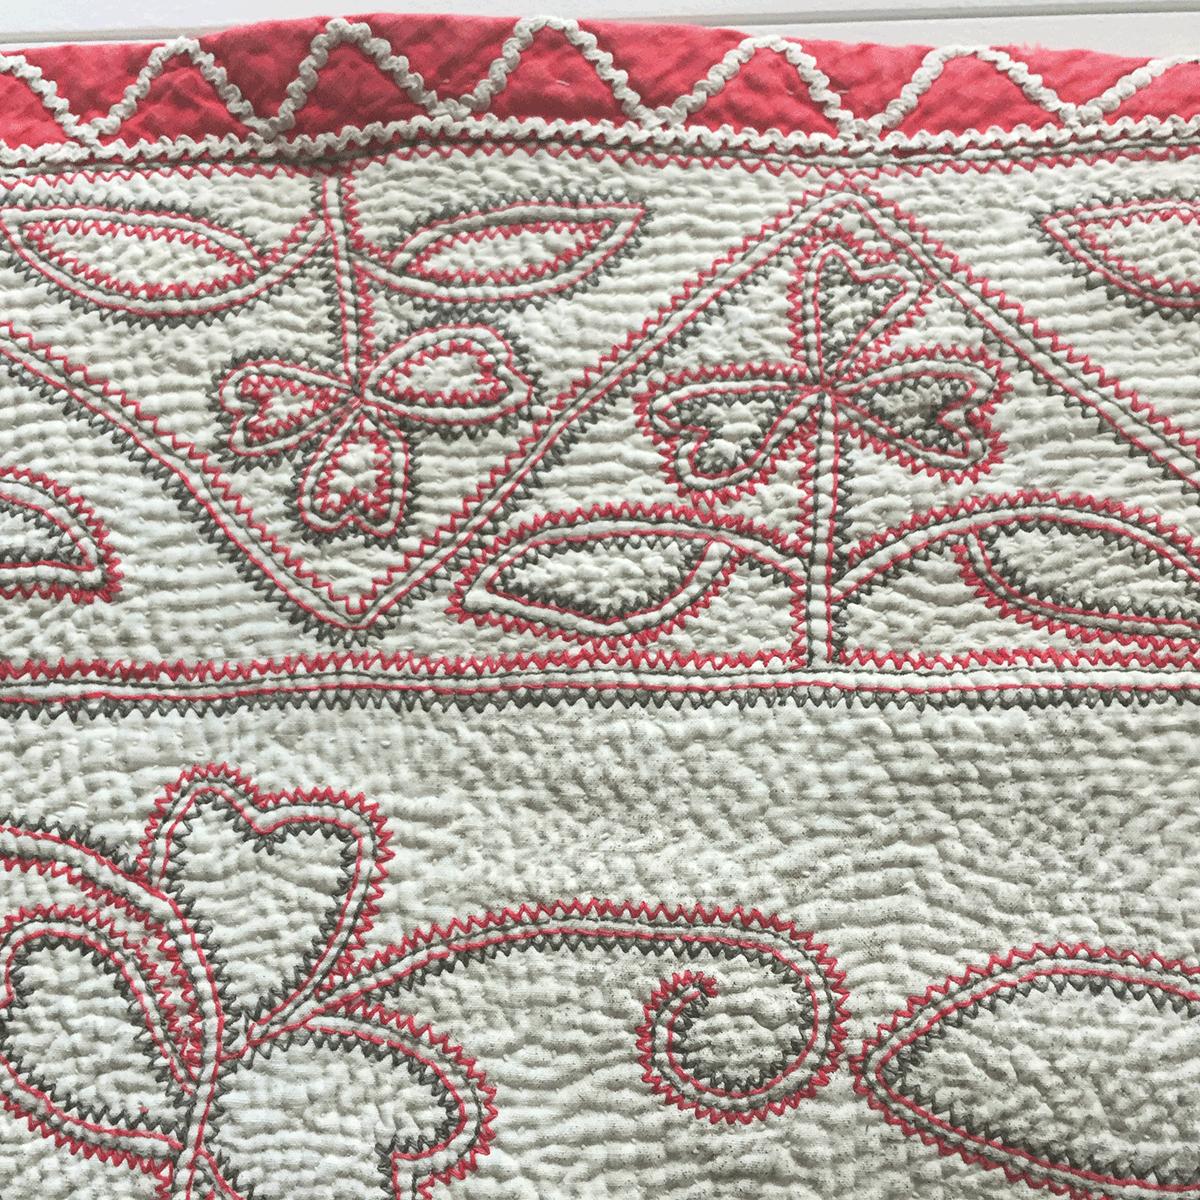 岩立フォークテキスタイルミュージアムのカンタ近景、イスラムの抽象柄